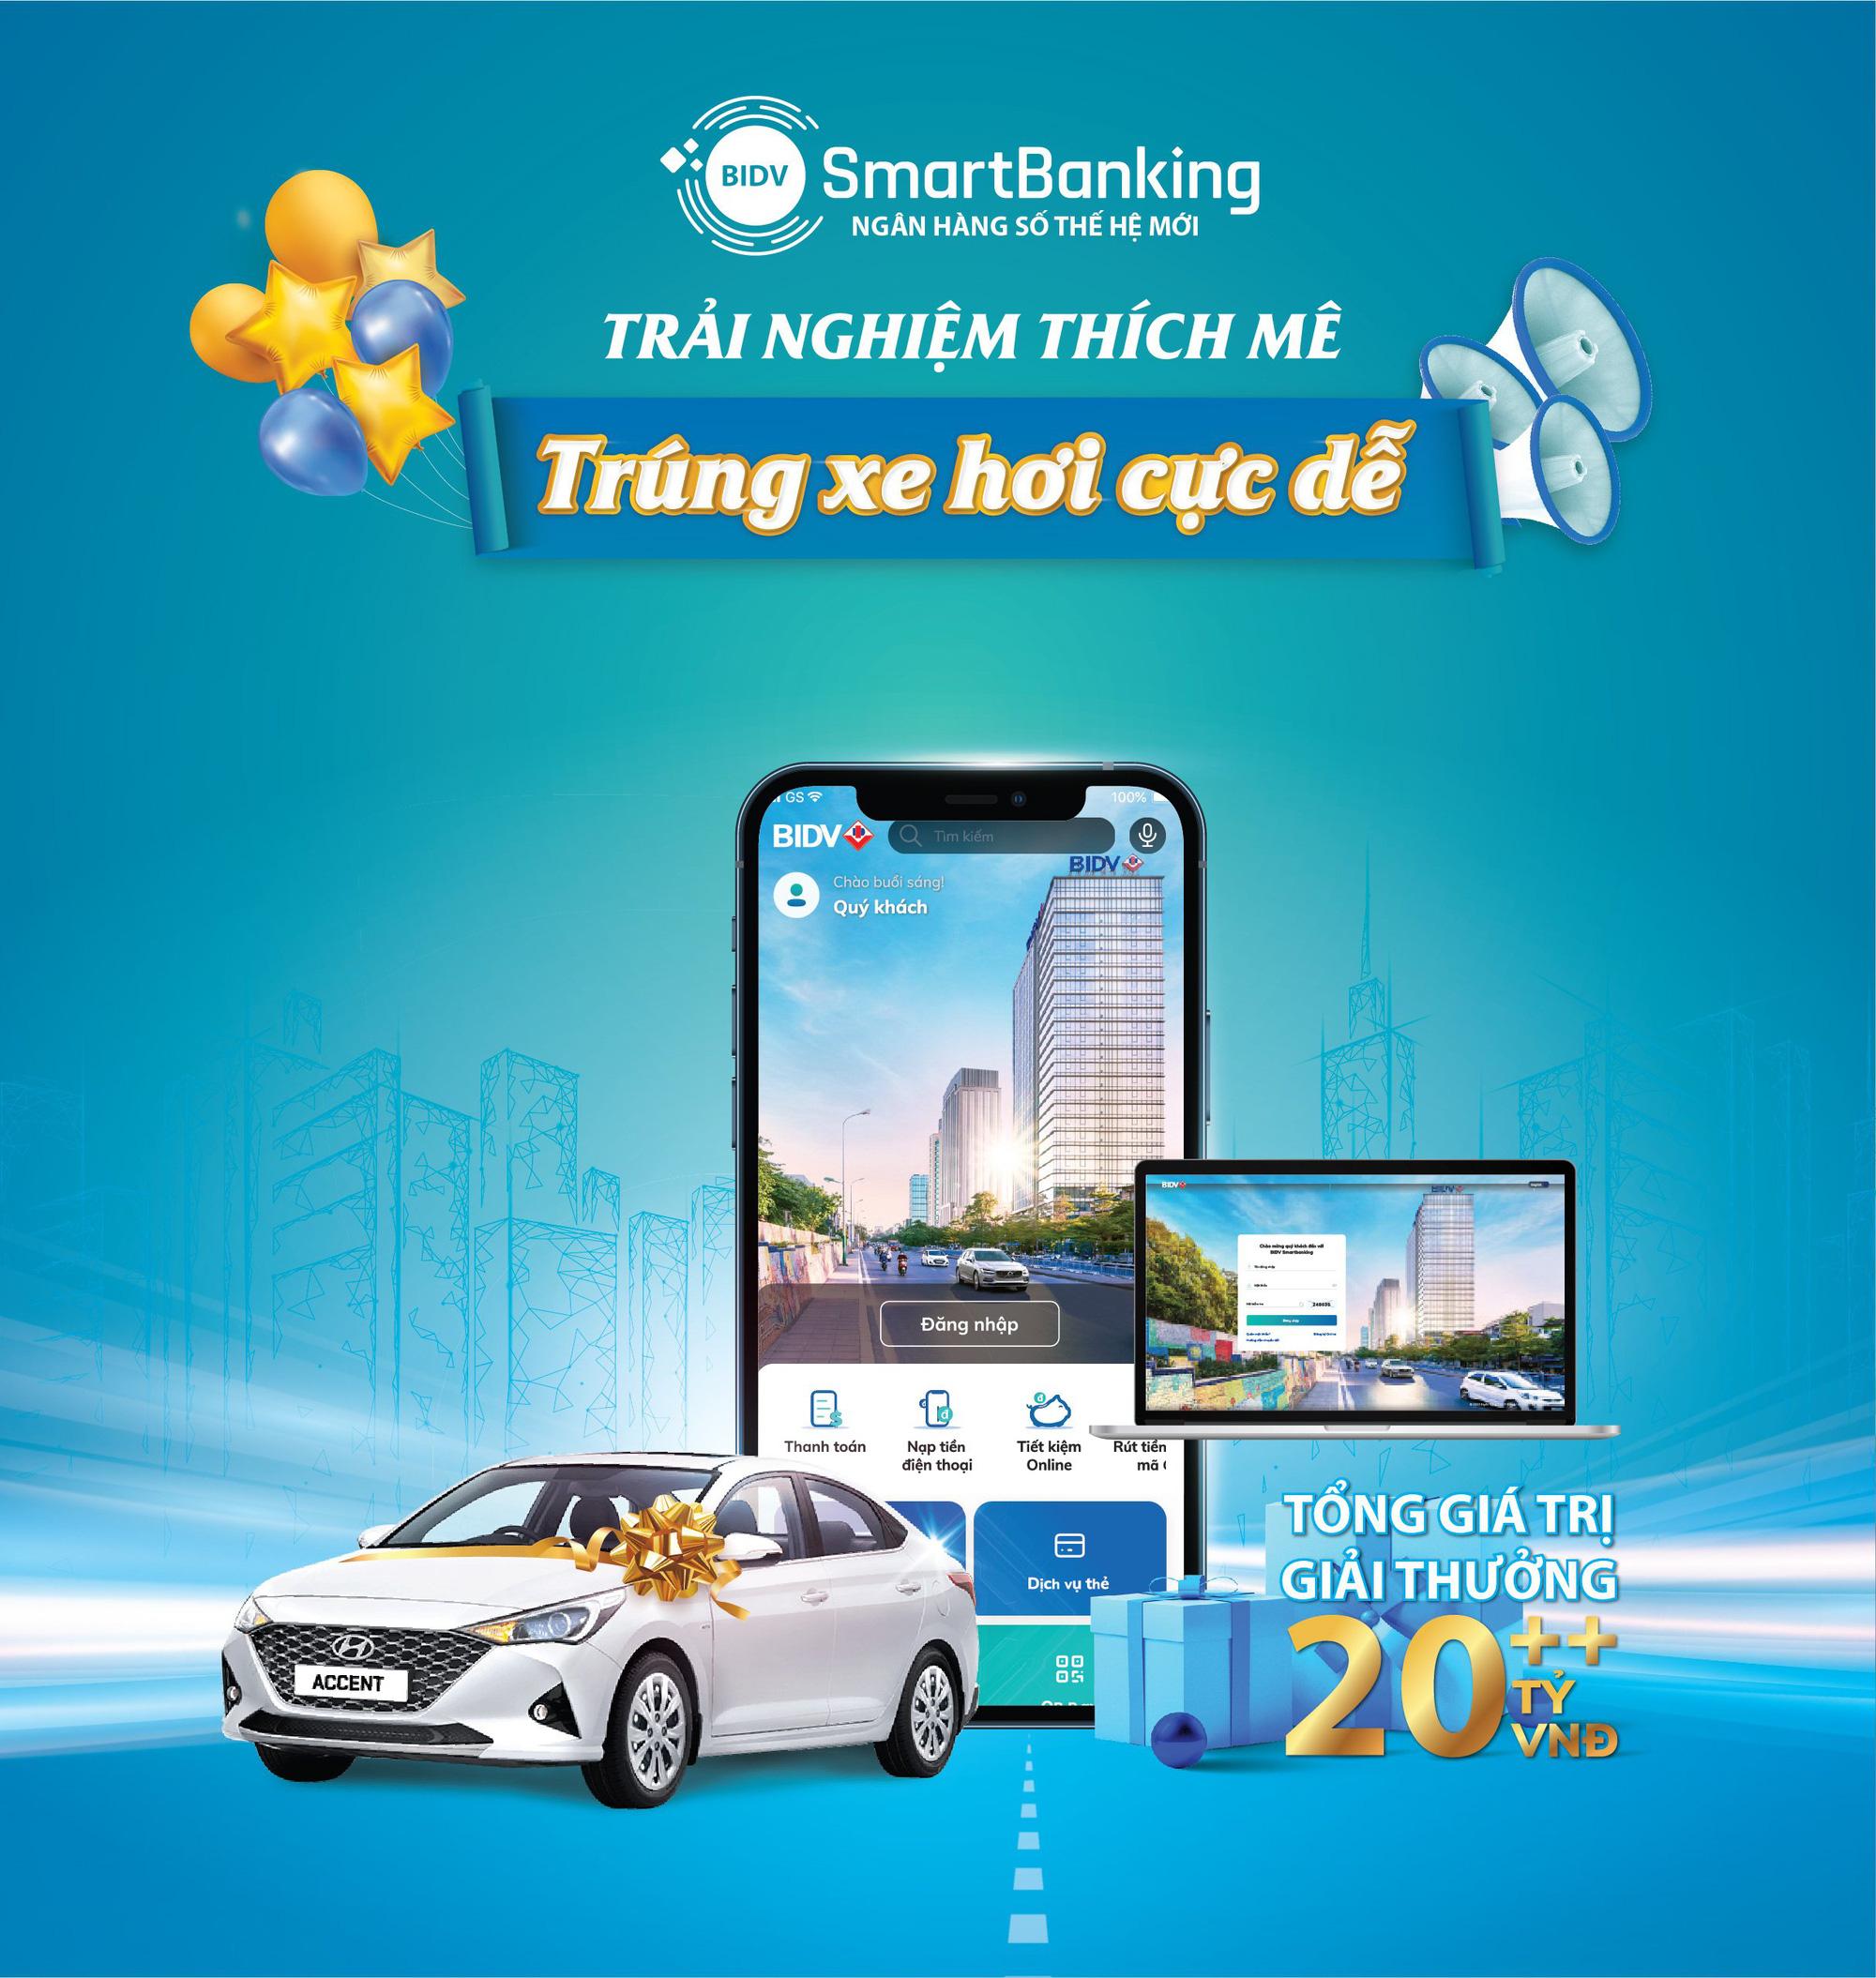 Hướng dẫn chuyển đổi Smartbanking thế hệ mới - Ảnh 2.